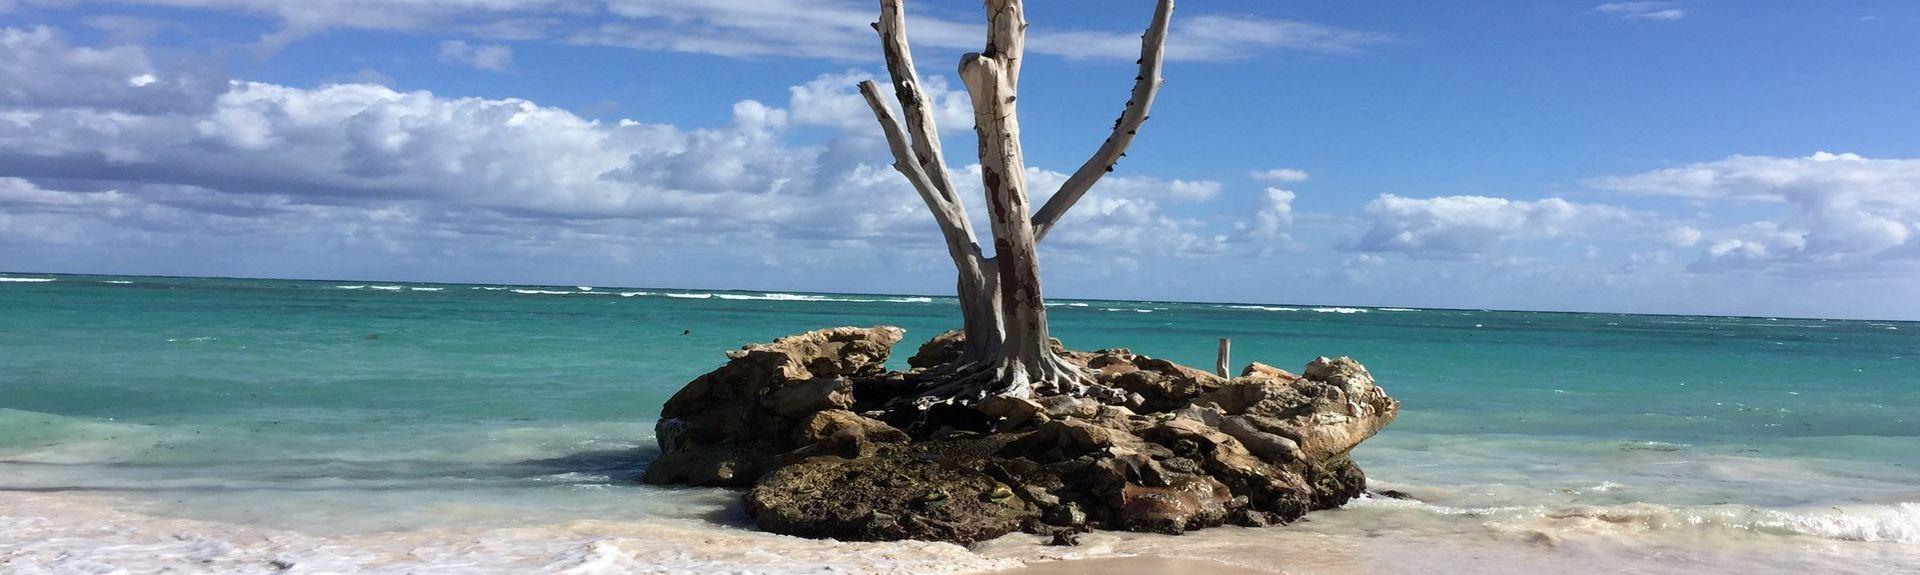 El Cortecito, Punta Cana, La Altagracia, República Dominicana